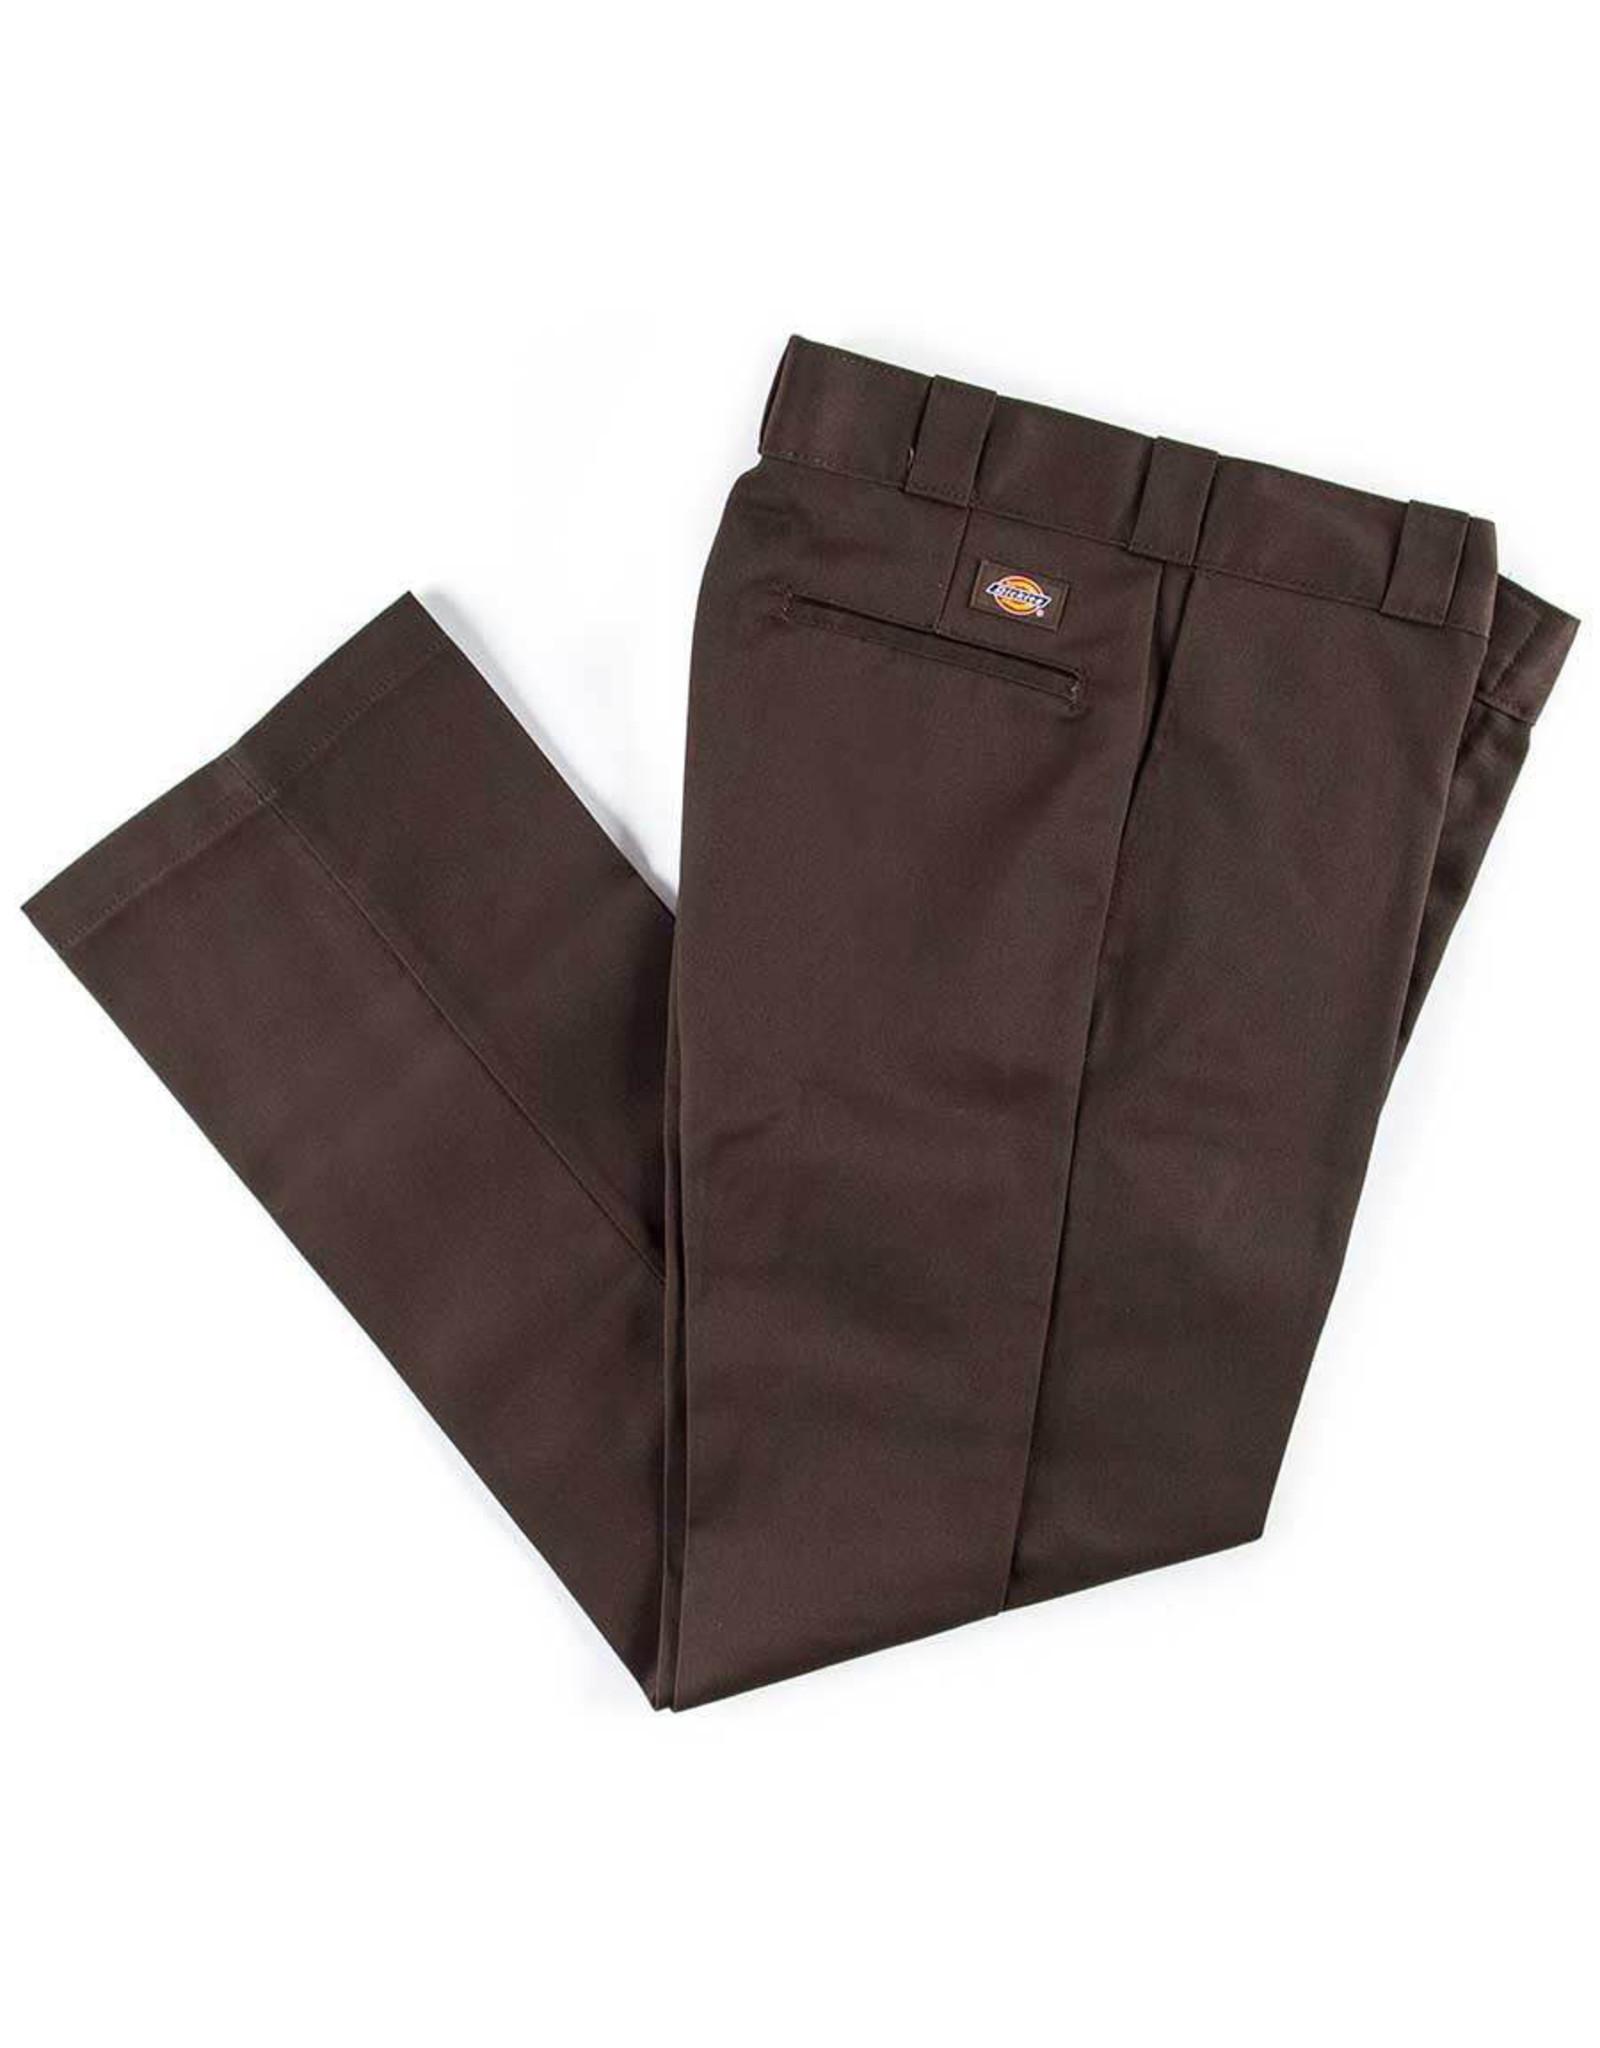 Dickies Dickies Pants 874 Original Chino (Dark Brown)